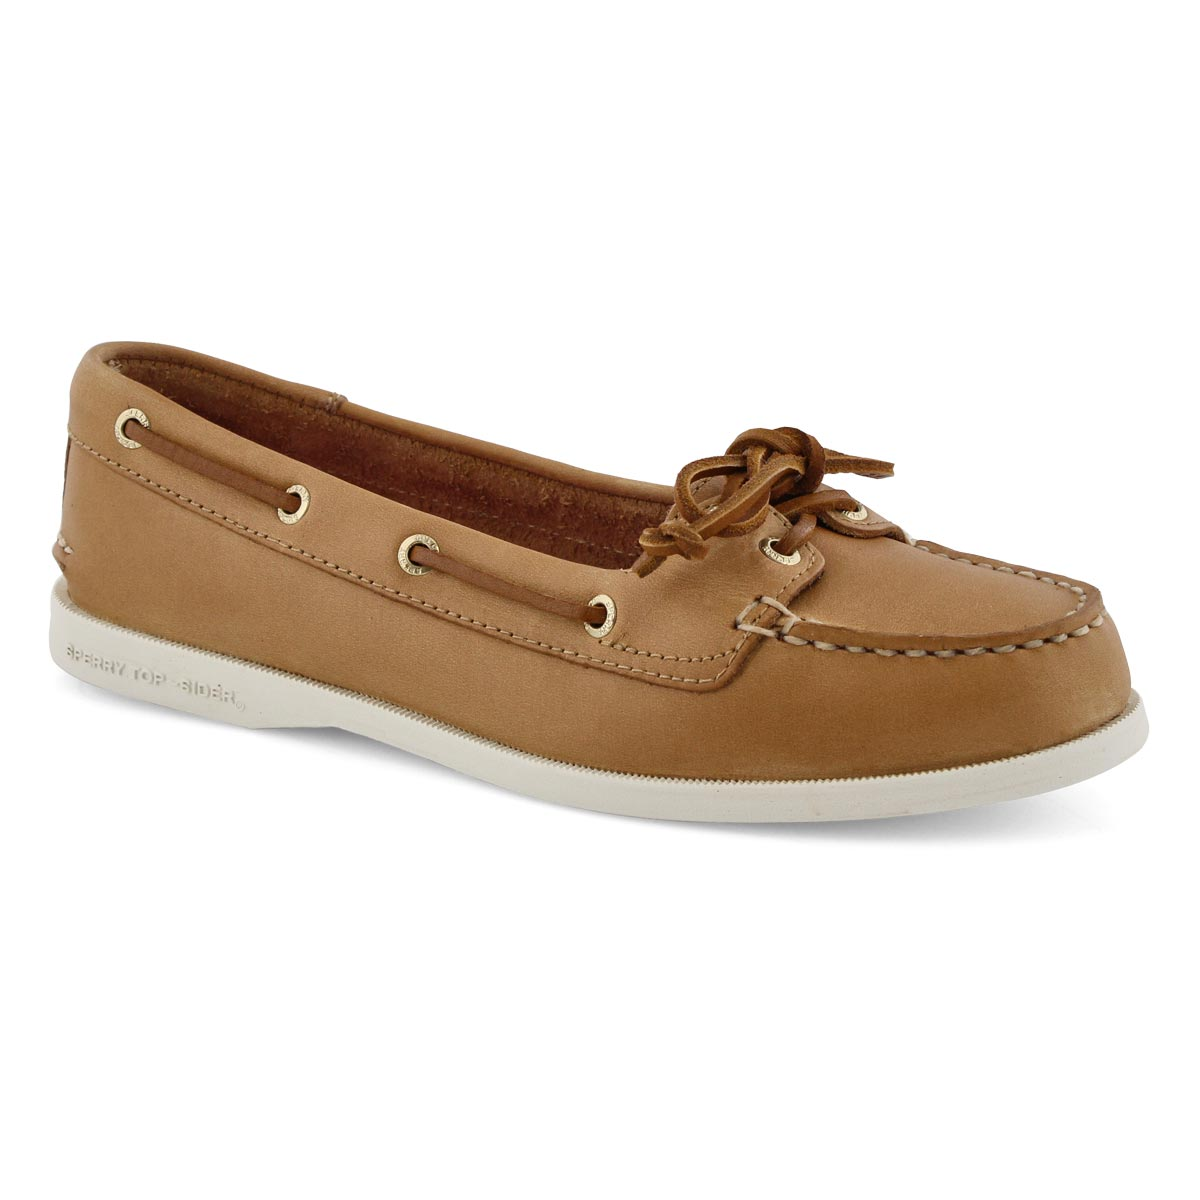 Chaussures bateau AUDREY 2, arachide, femmes